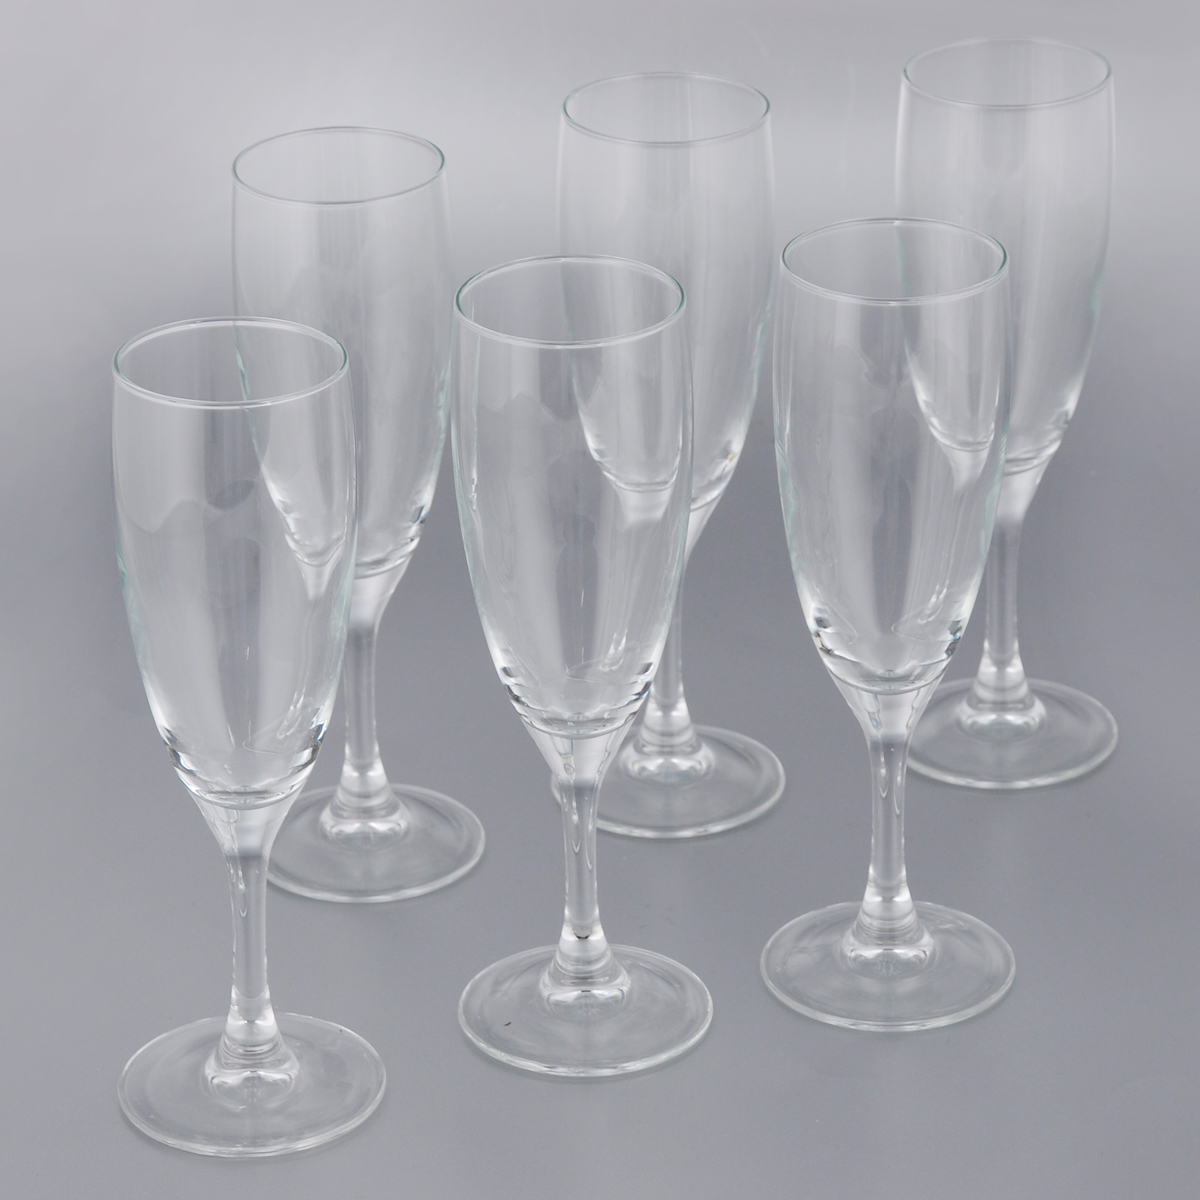 Набор фужеров для шампанского Luminarc Французский ресторанчик, 170 мл, 6 шт стакан французский ресторанчик 330мл высокий